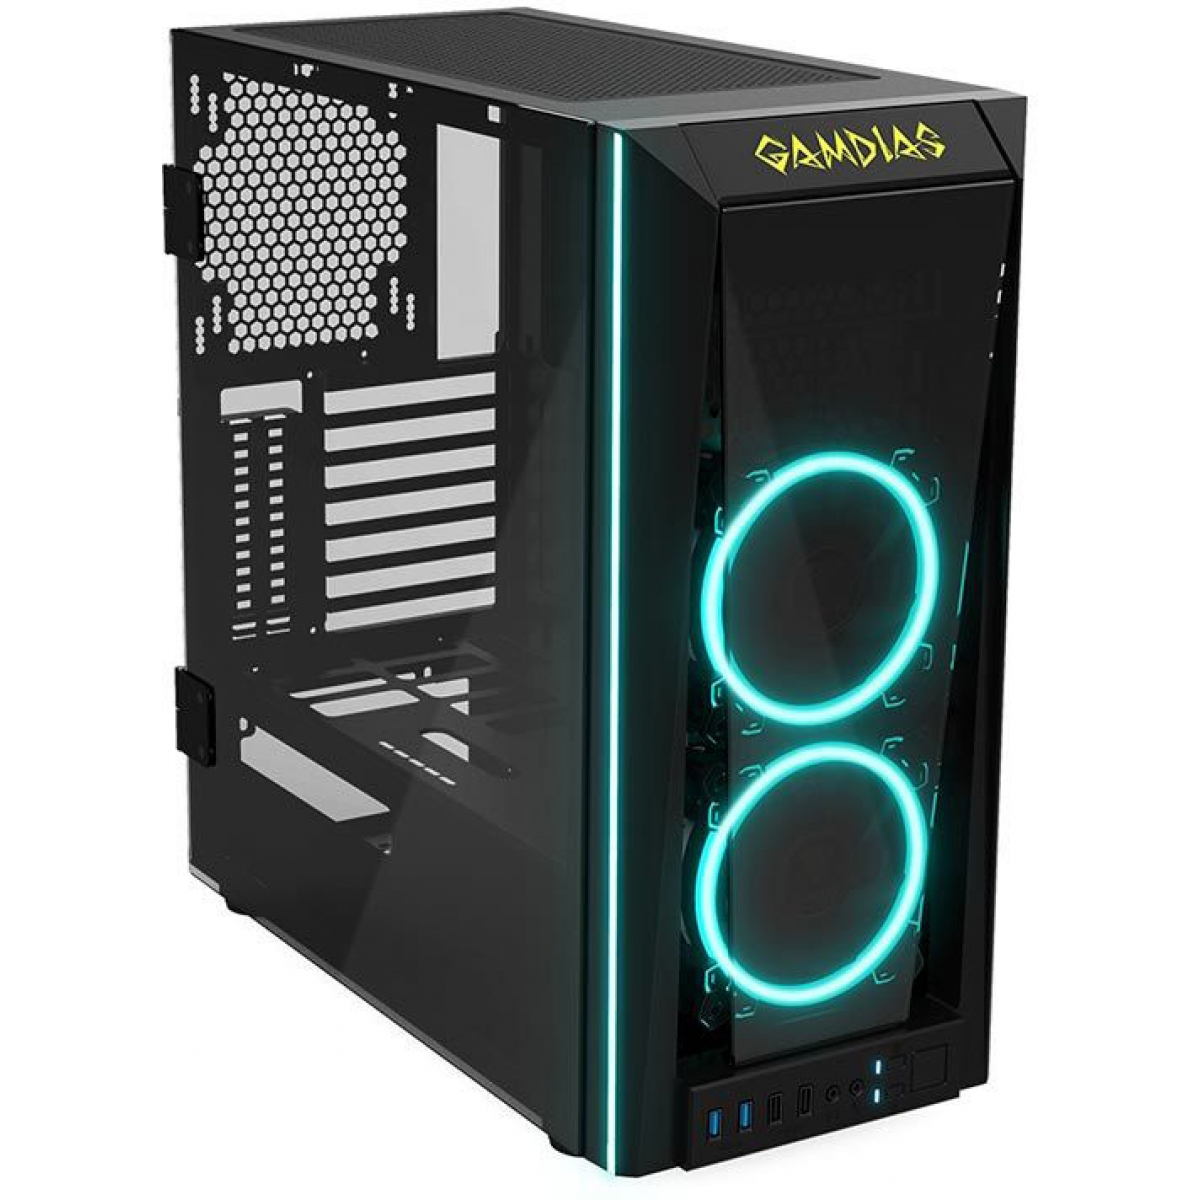 Gabinete Gamer Gamdias Talos M1, Mid Tower, Vidro Temperado, Black, Sem fonte, Com 2 Fans RGB